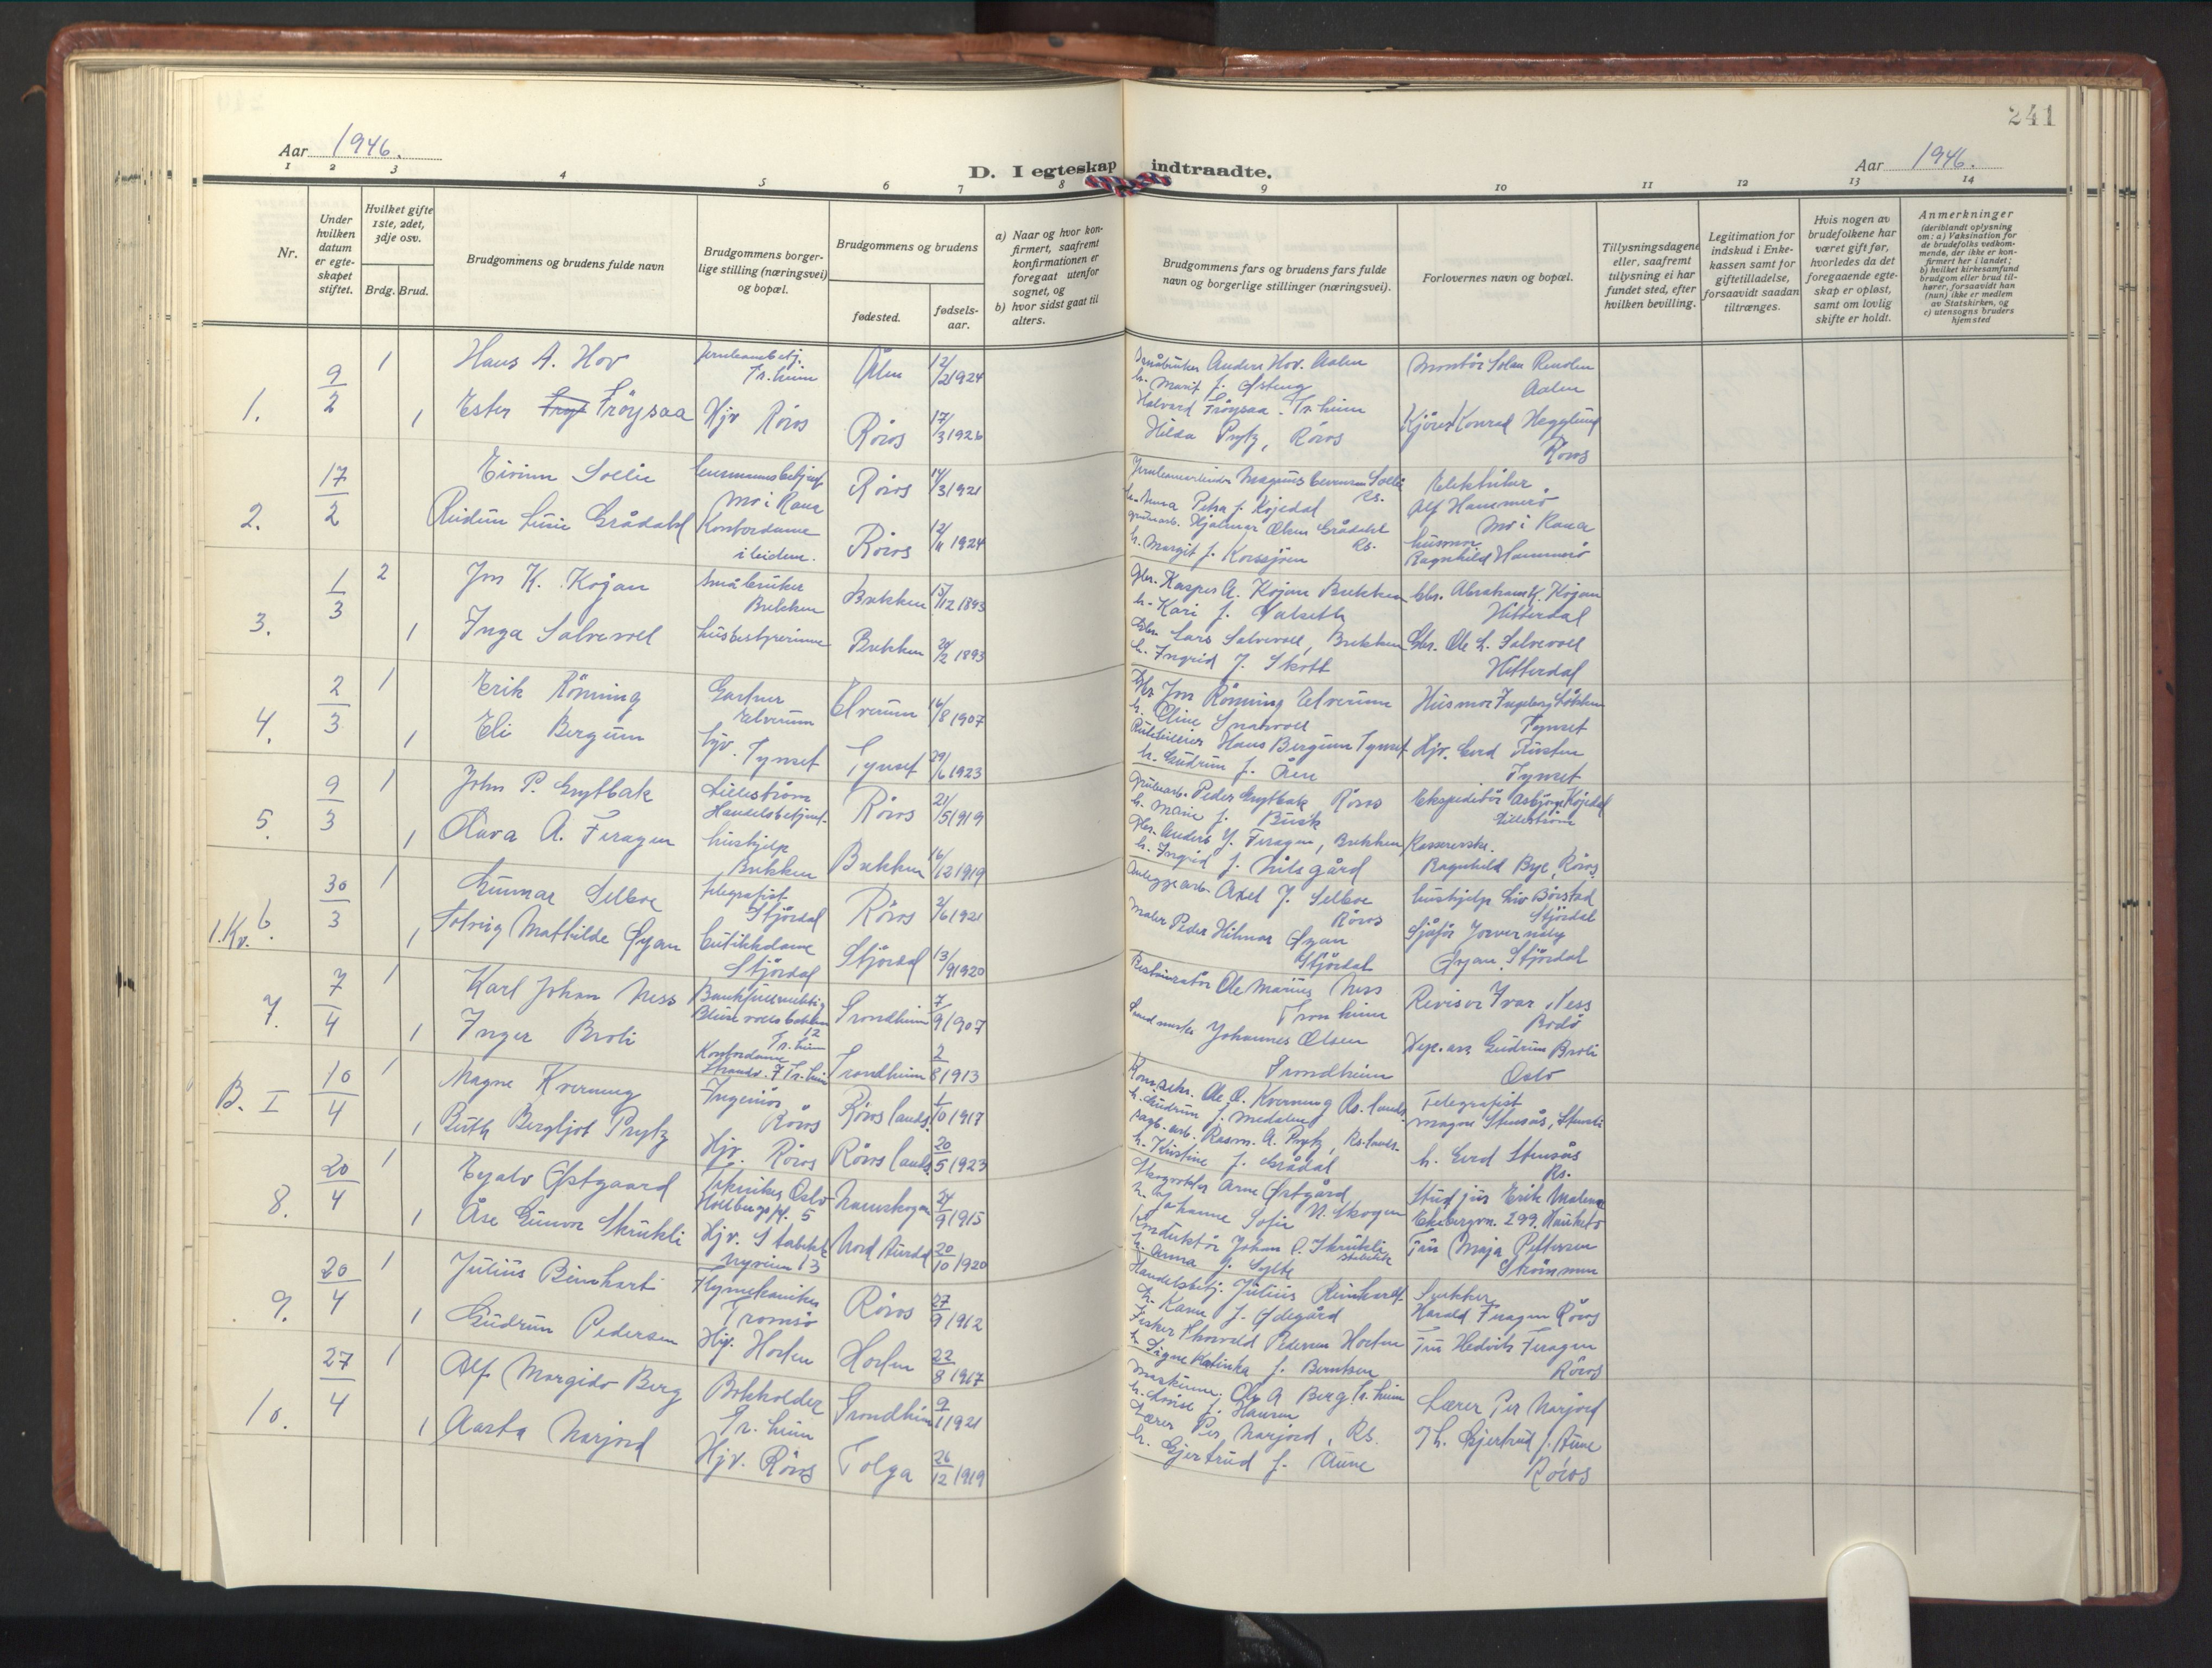 SAT, Ministerialprotokoller, klokkerbøker og fødselsregistre - Sør-Trøndelag, 681/L0943: Klokkerbok nr. 681C07, 1926-1954, s. 241